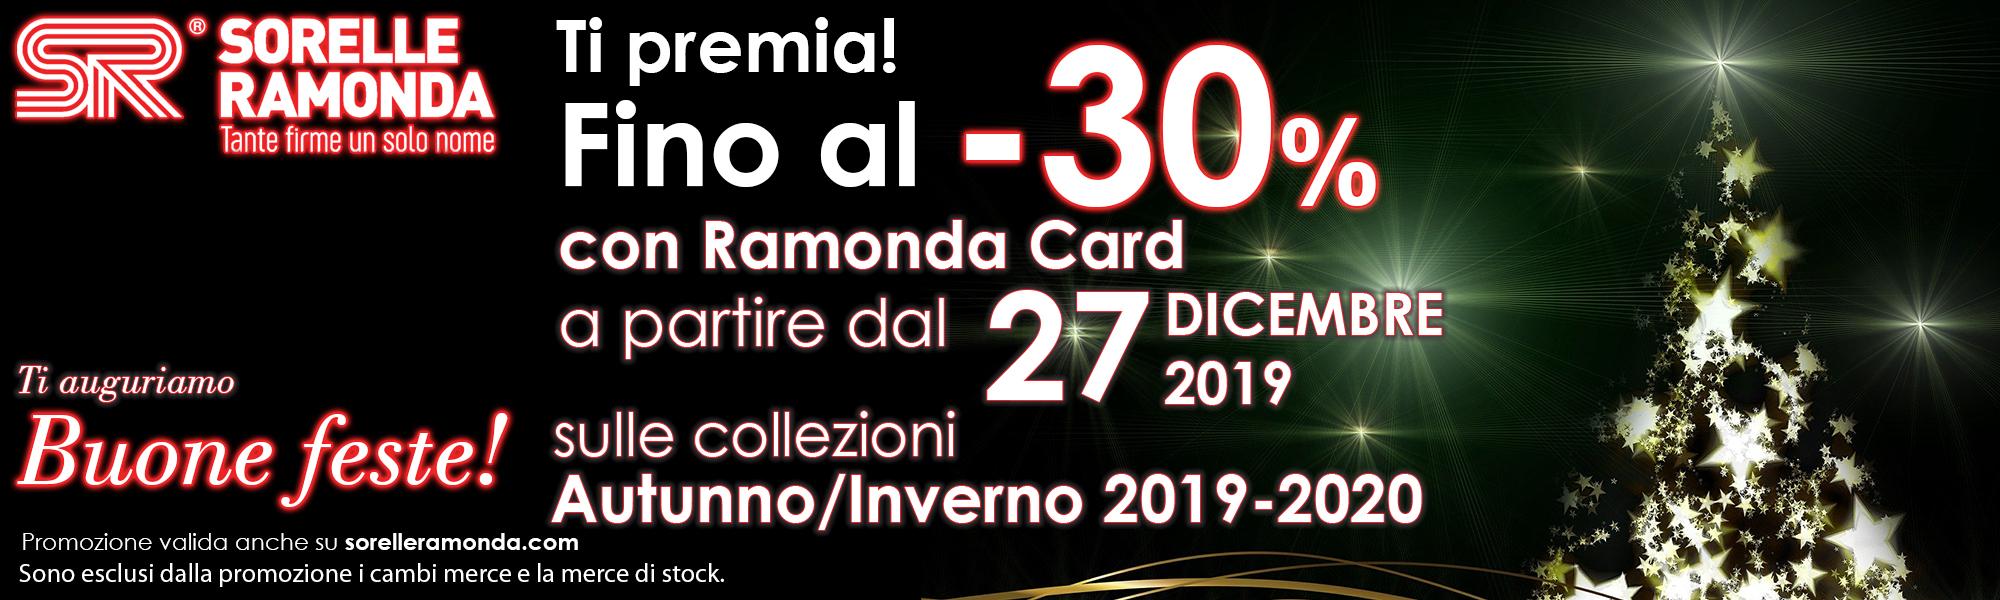 Sorelle-Ramonda-Buone-Feste-2019